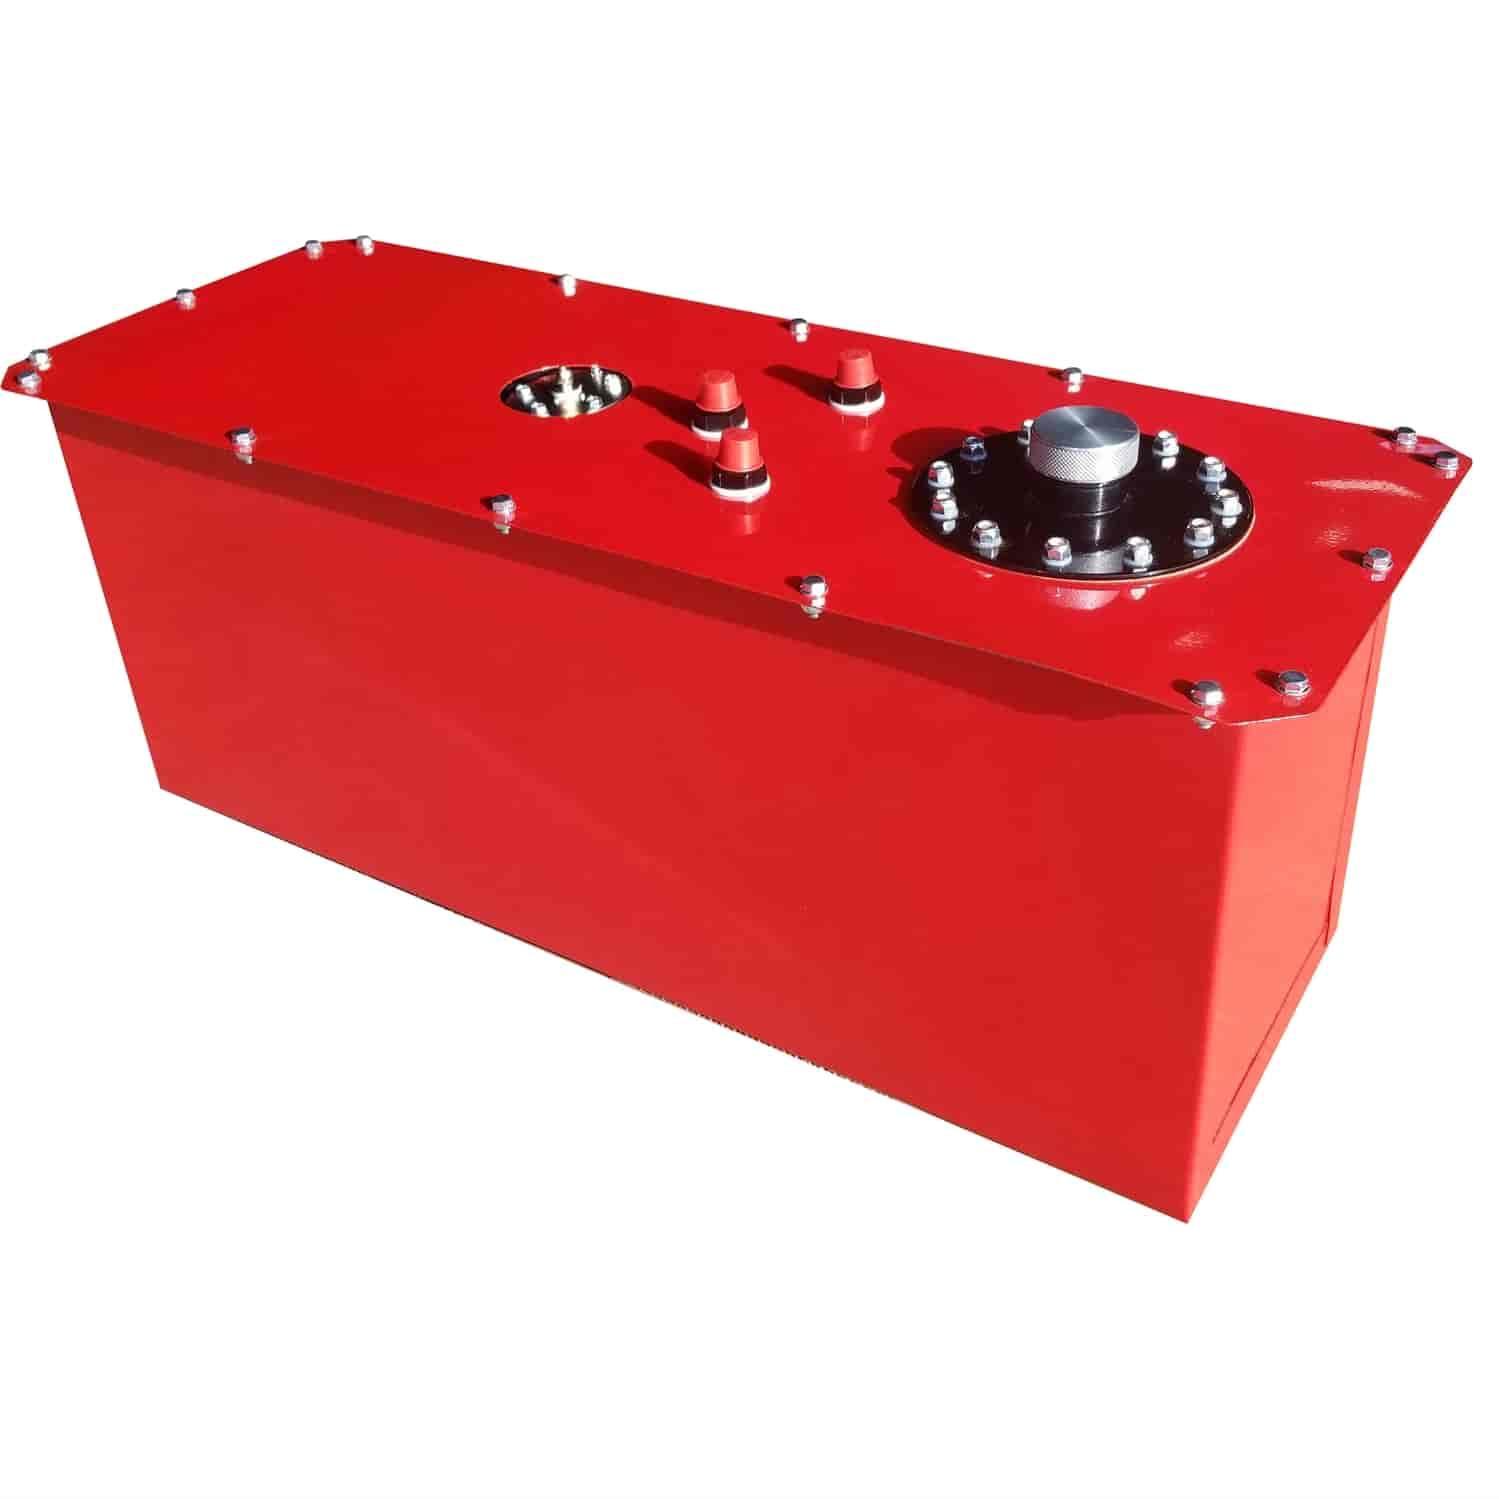 RCI Rock Crawler Fuel Cell Capacity: 12 Gallon